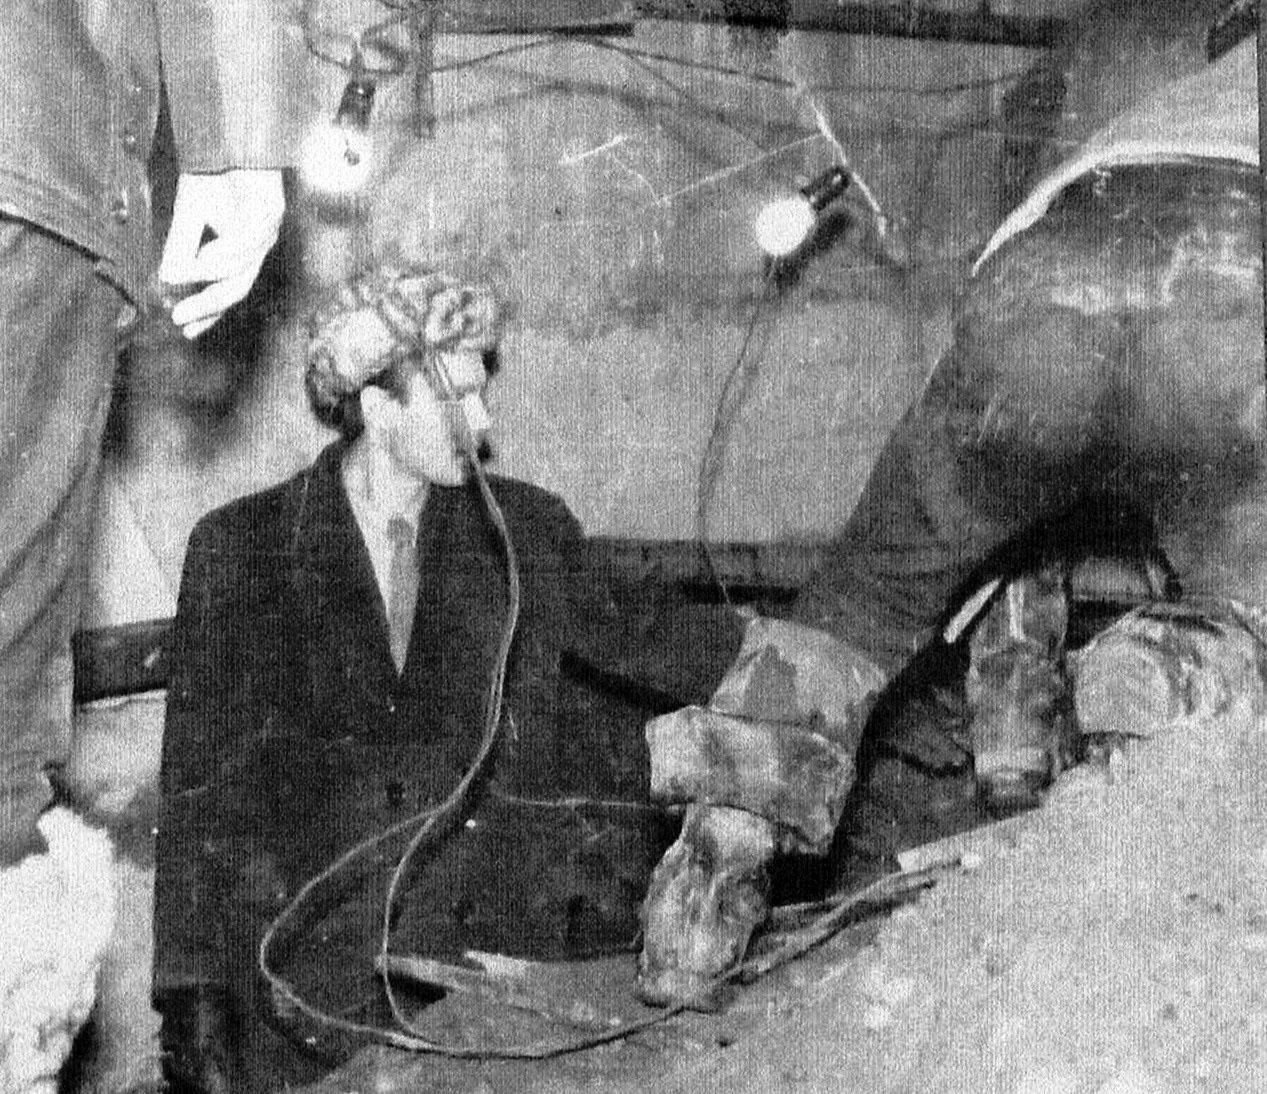 Работы по укреплению фундамента. Магадан, начало 1970-х годов.